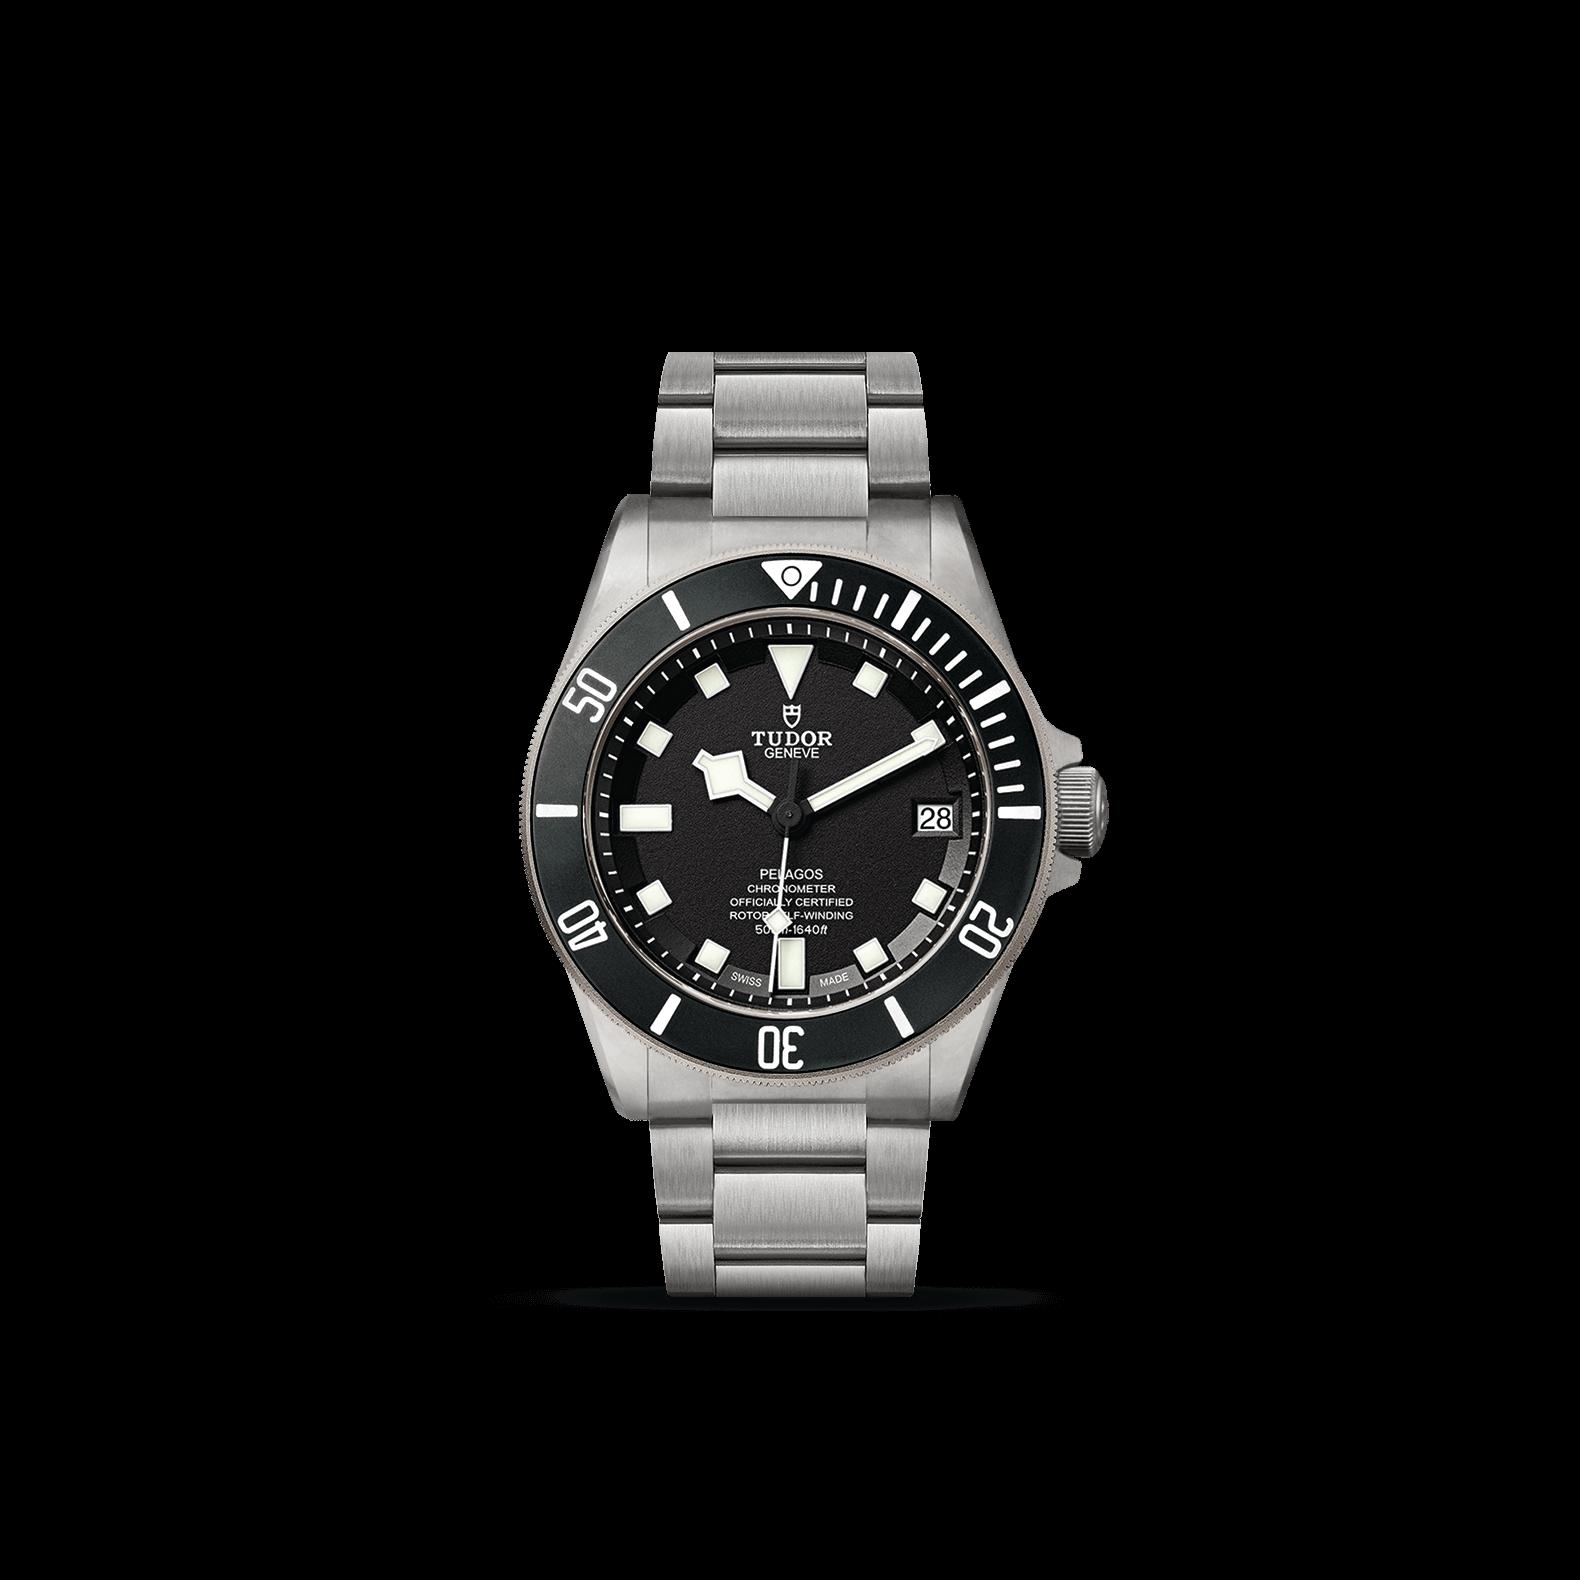 Tudor_M25600tn-0001